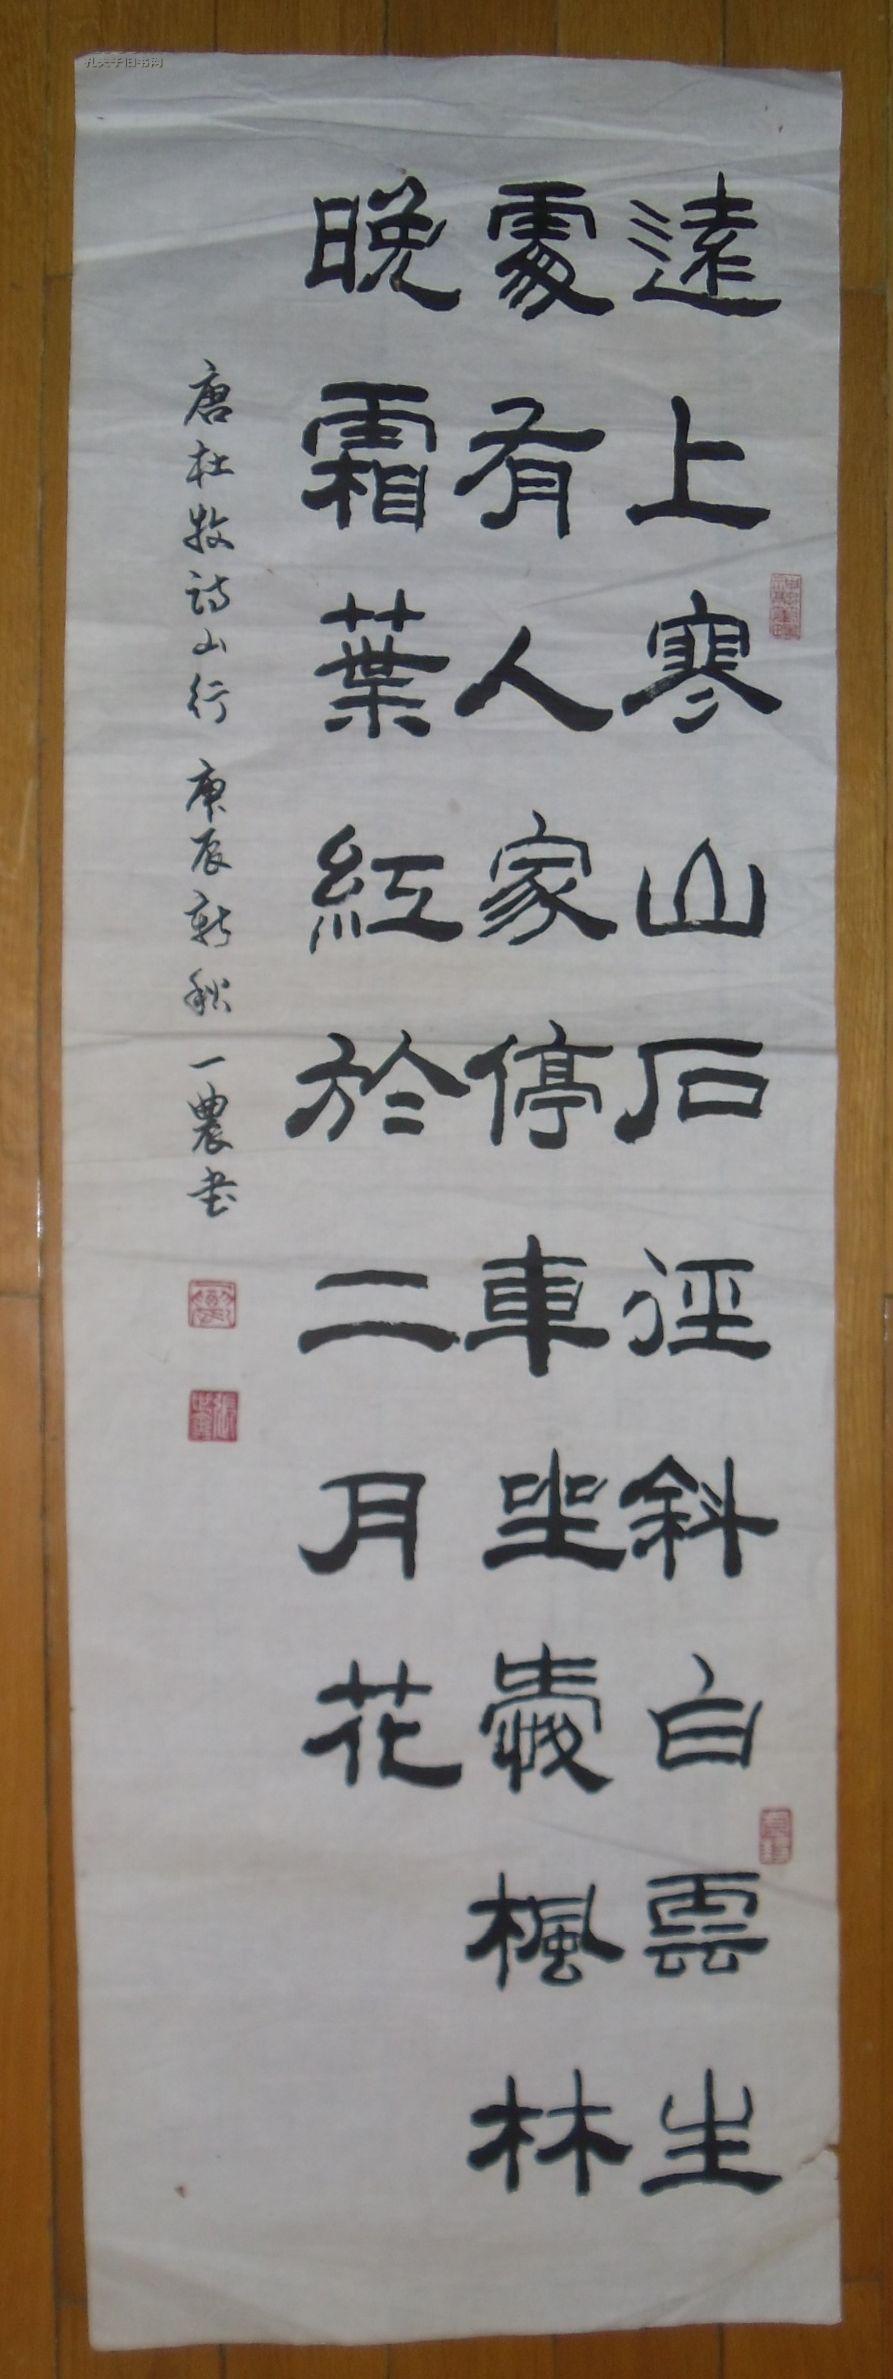 手书真迹书法:天津篆刻家张世鑫(一农)隶书杜牧《山行》图片